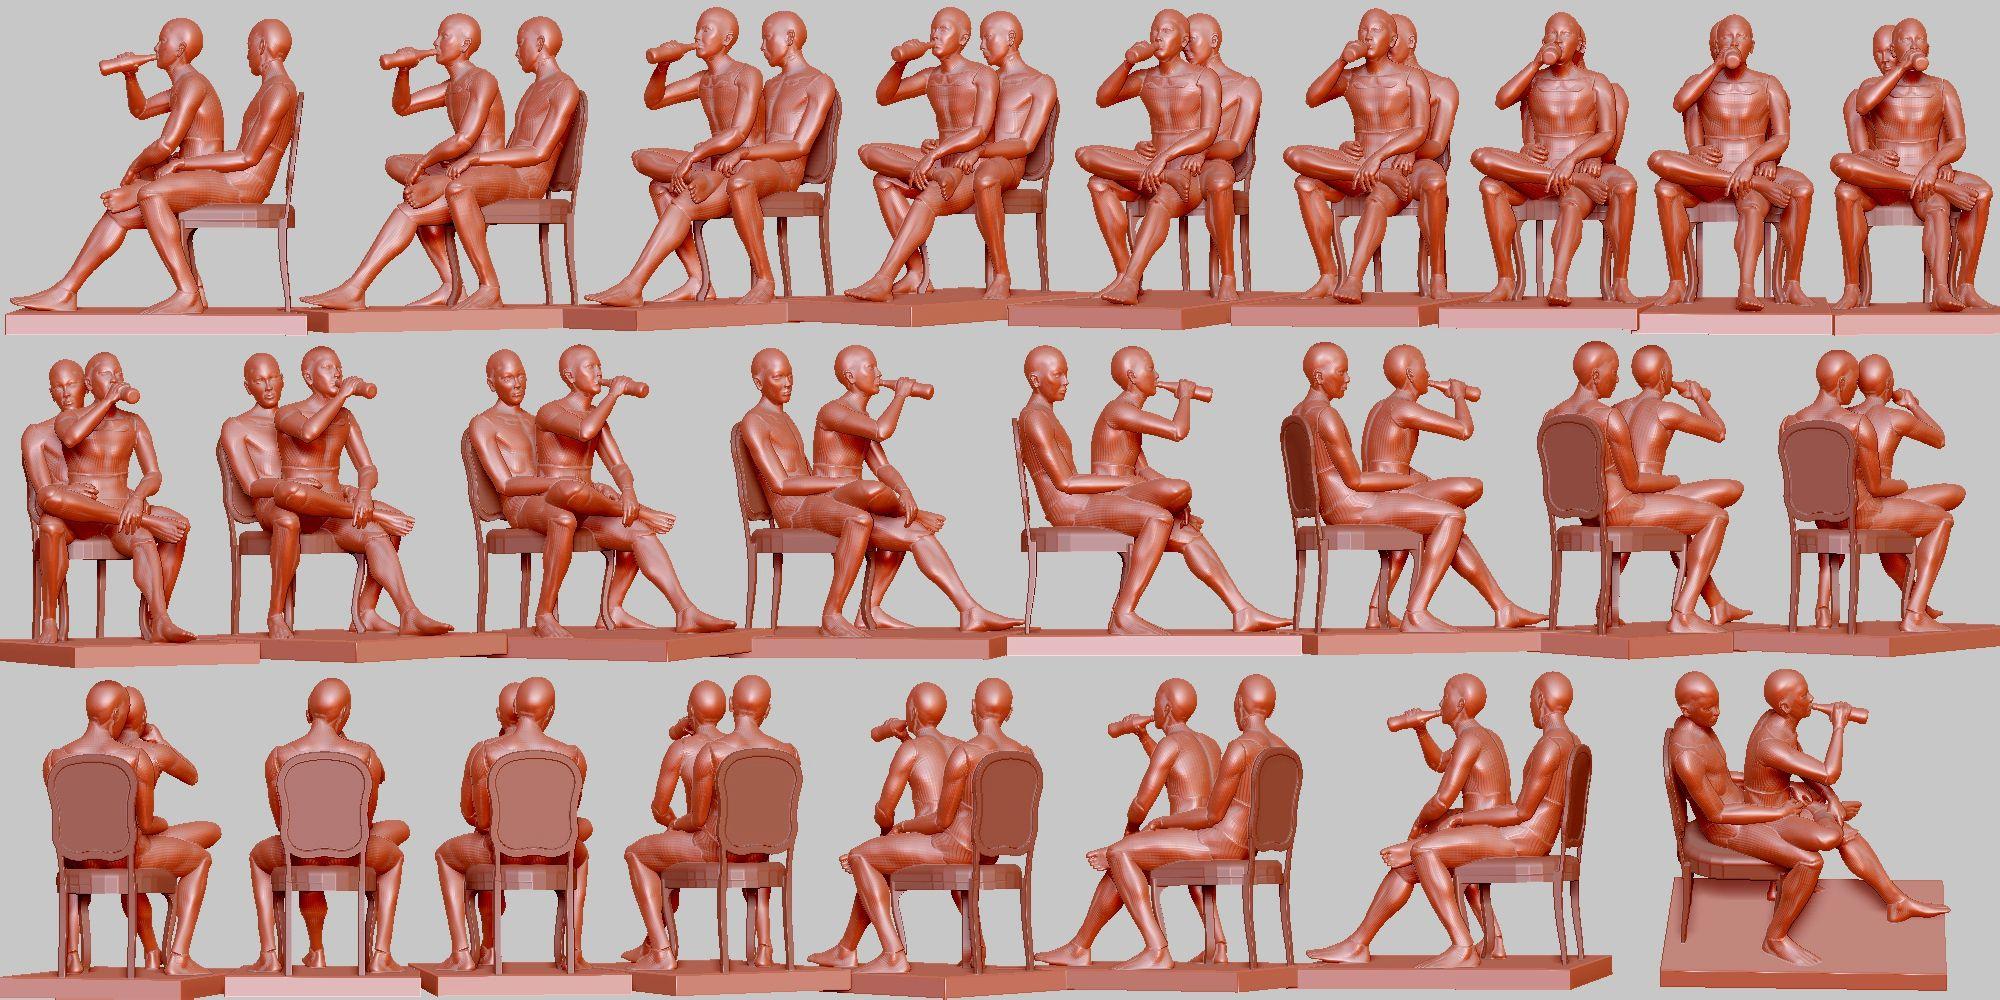 f:id:oosaji:20201010152011j:plain